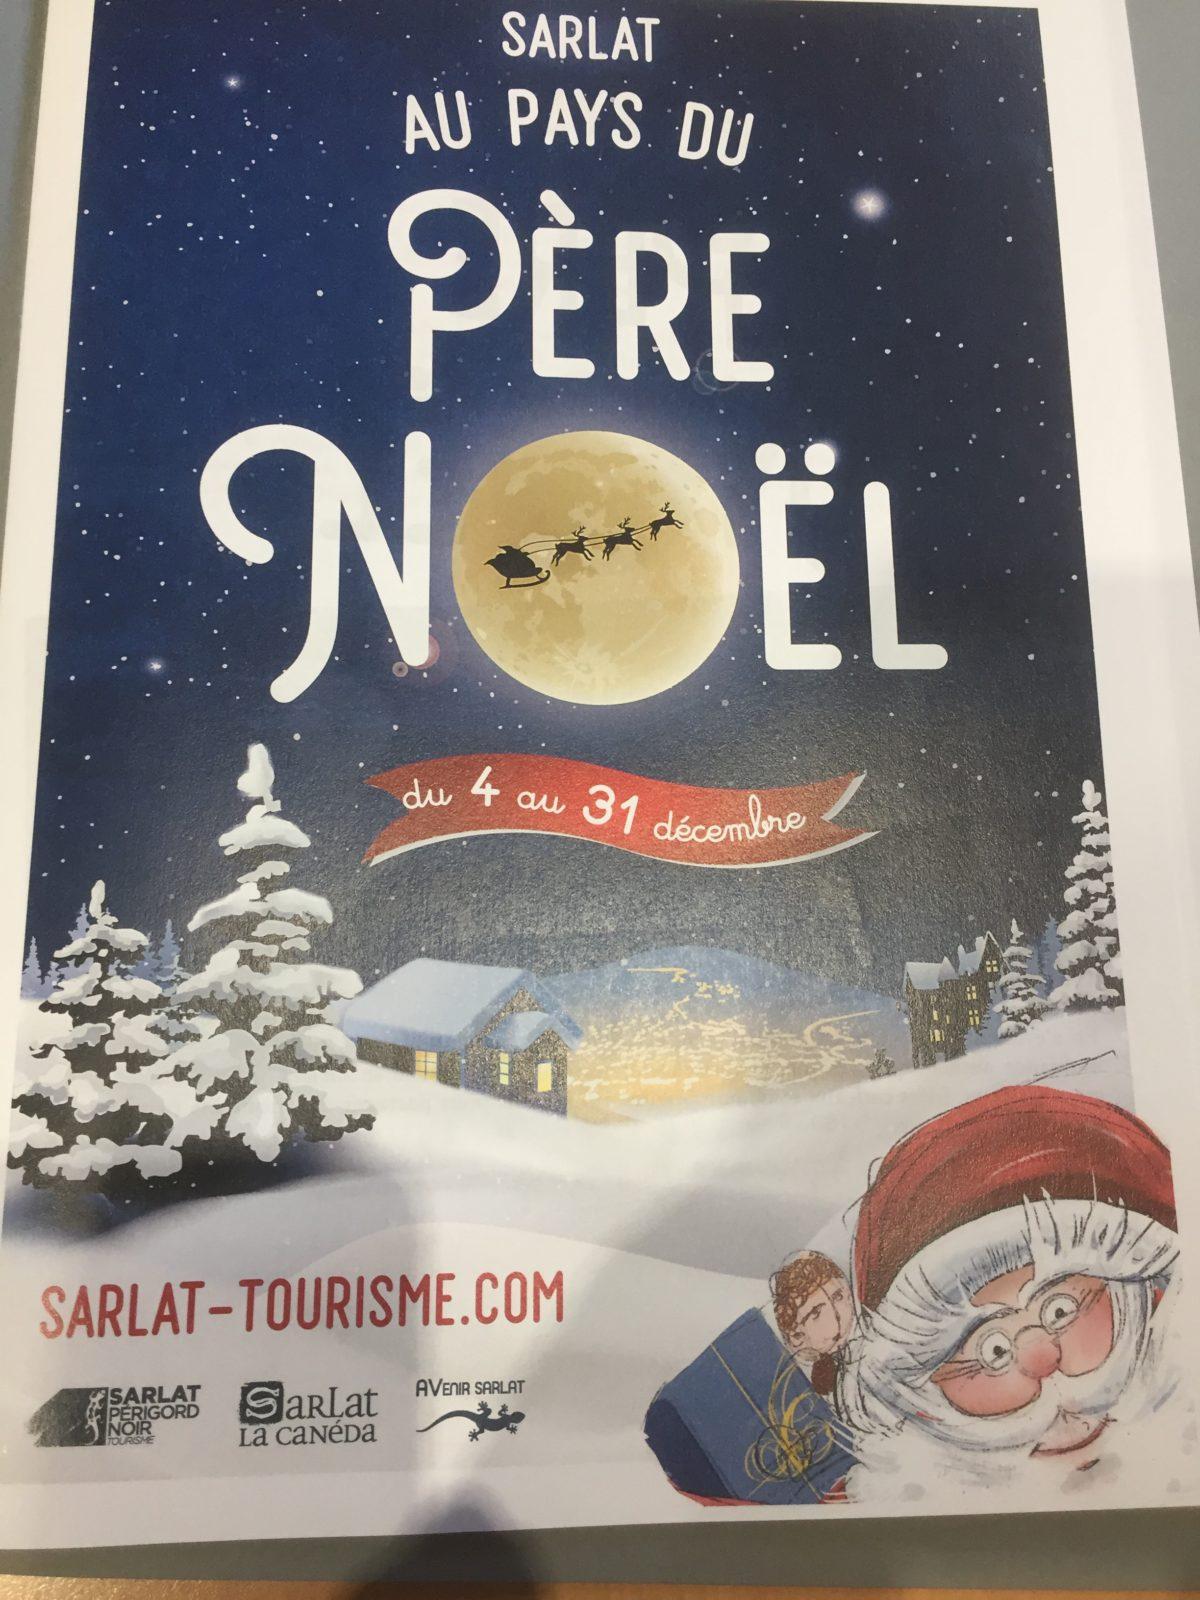 En attendant le 07/12 à 17h30 lancement du marché de Noel de Sarlat